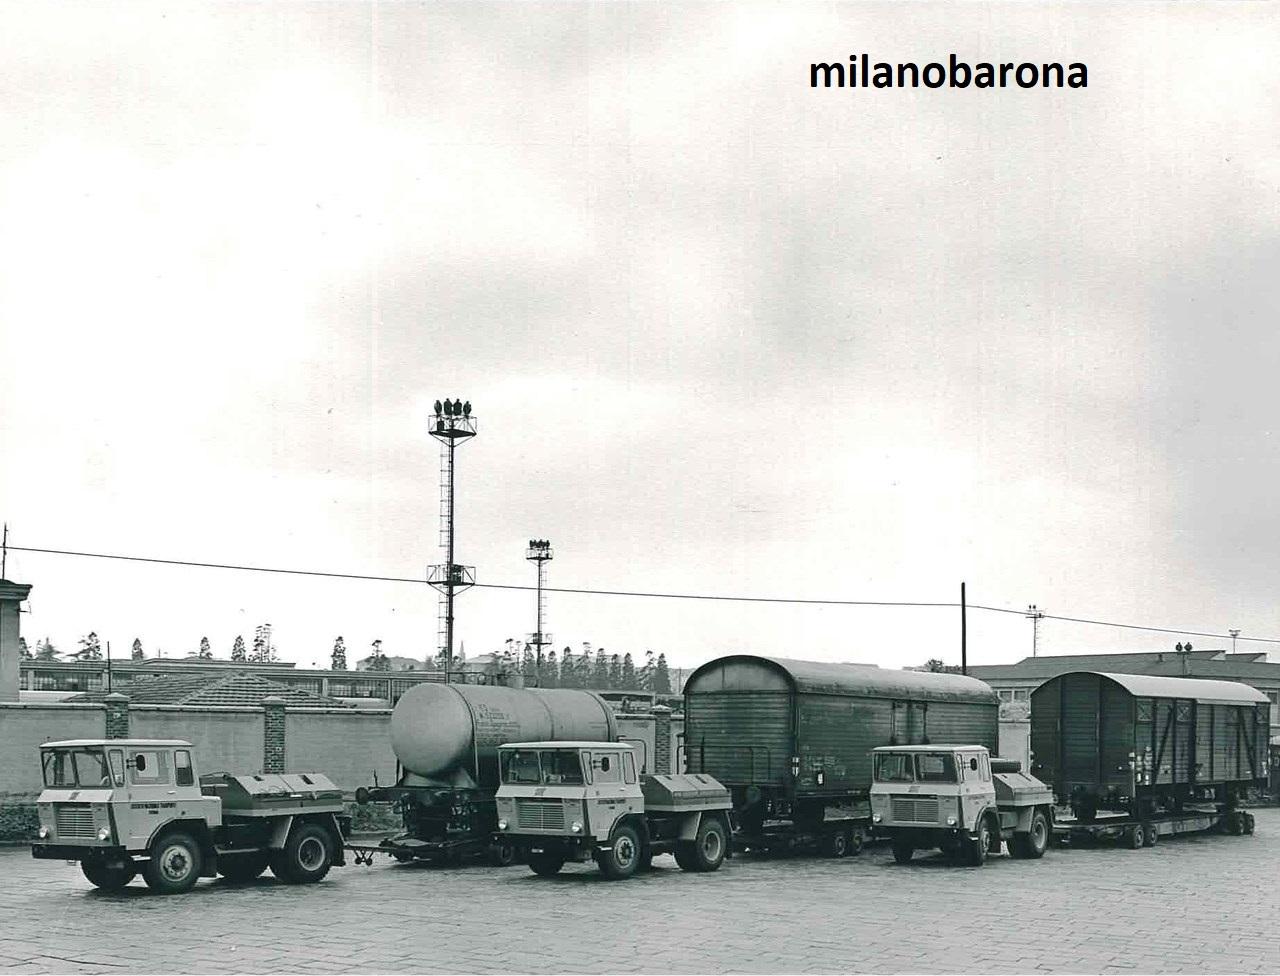 Milano Farini-Monumentale 1965. Piazzale interno, scarico e carico merci, dello Scalo Farini di Via Valtellina. (archivio sdfgroup)